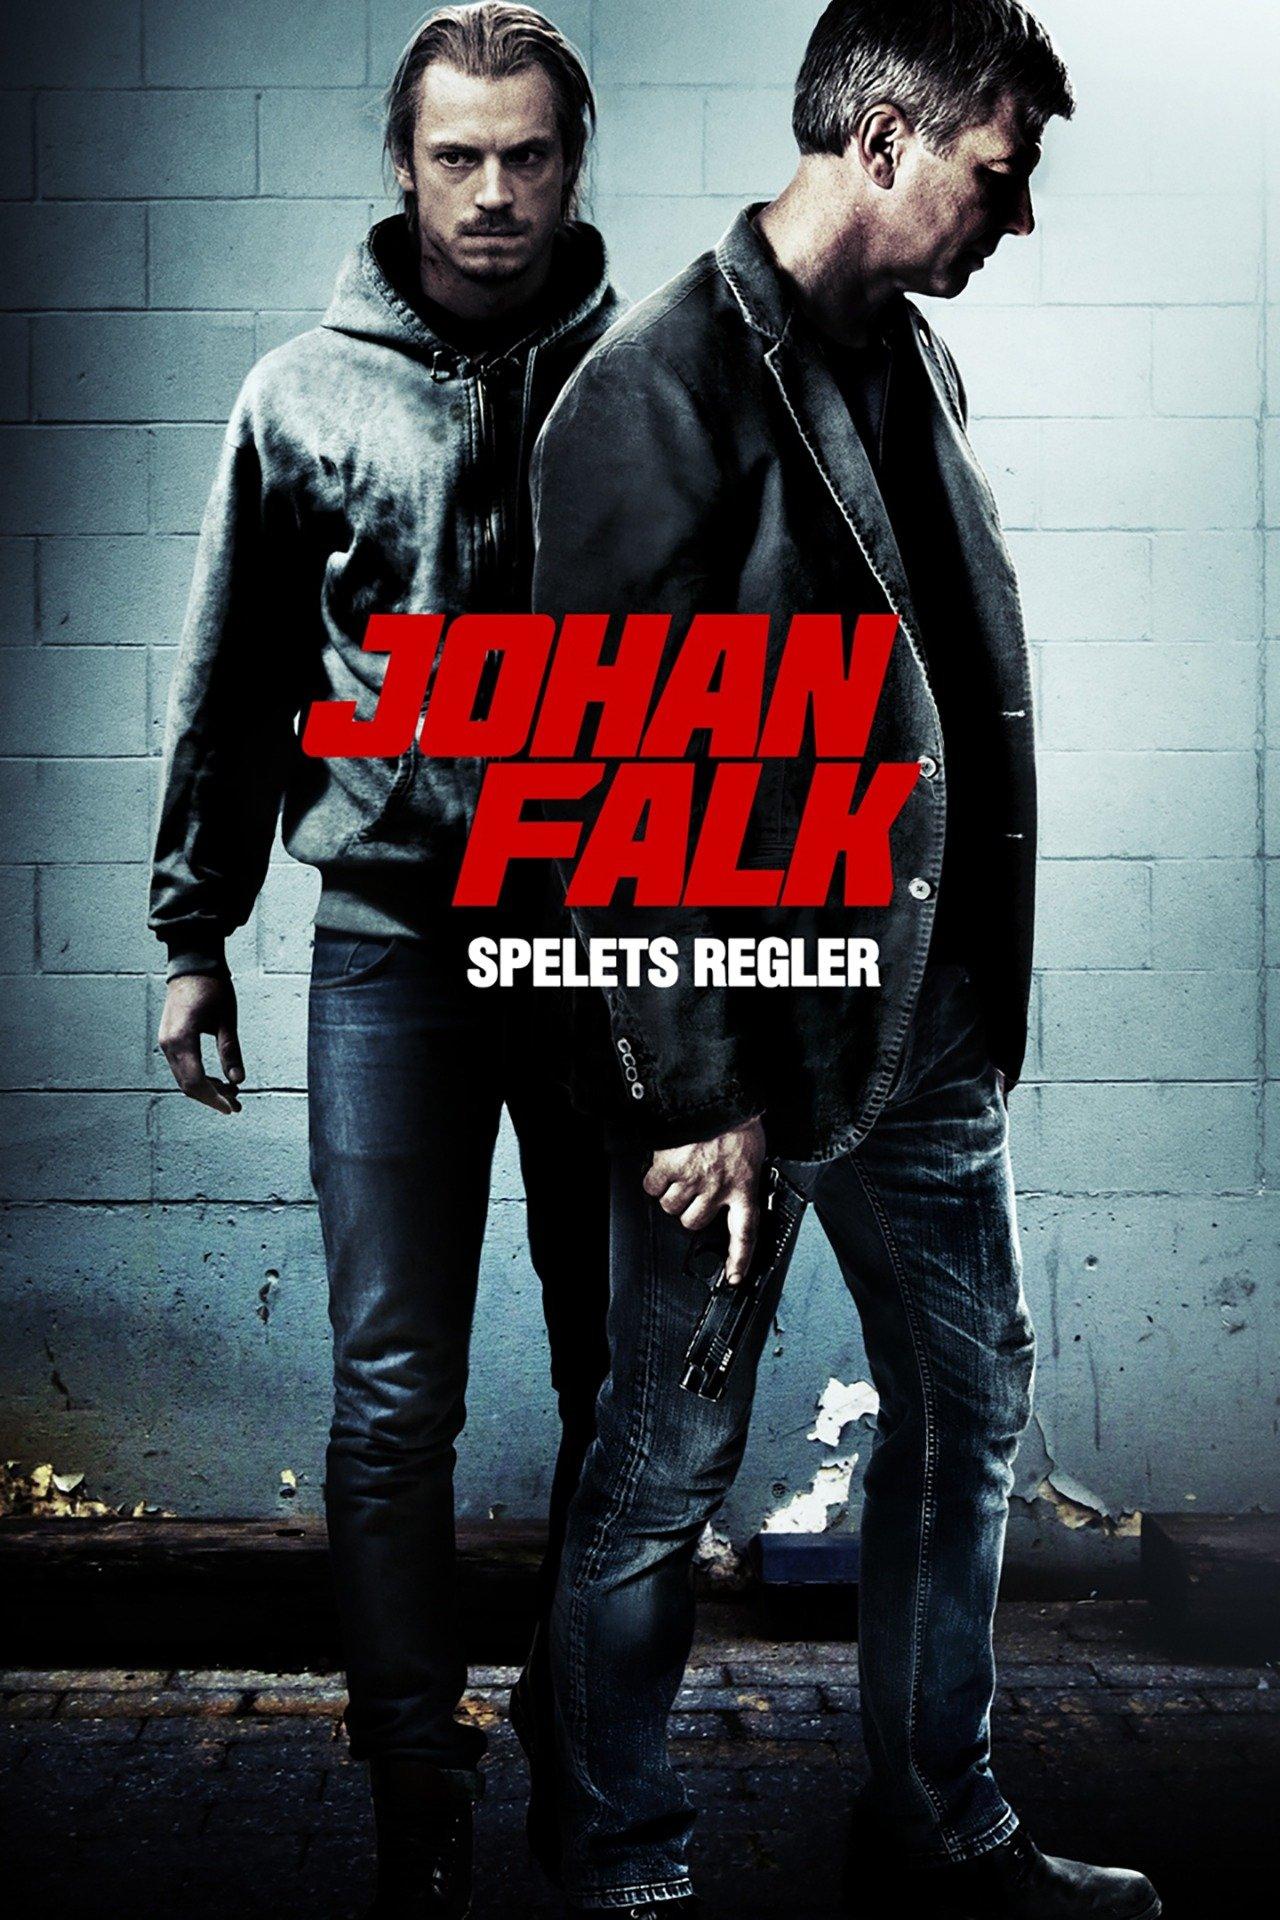 Johan Falk: Spelets regler